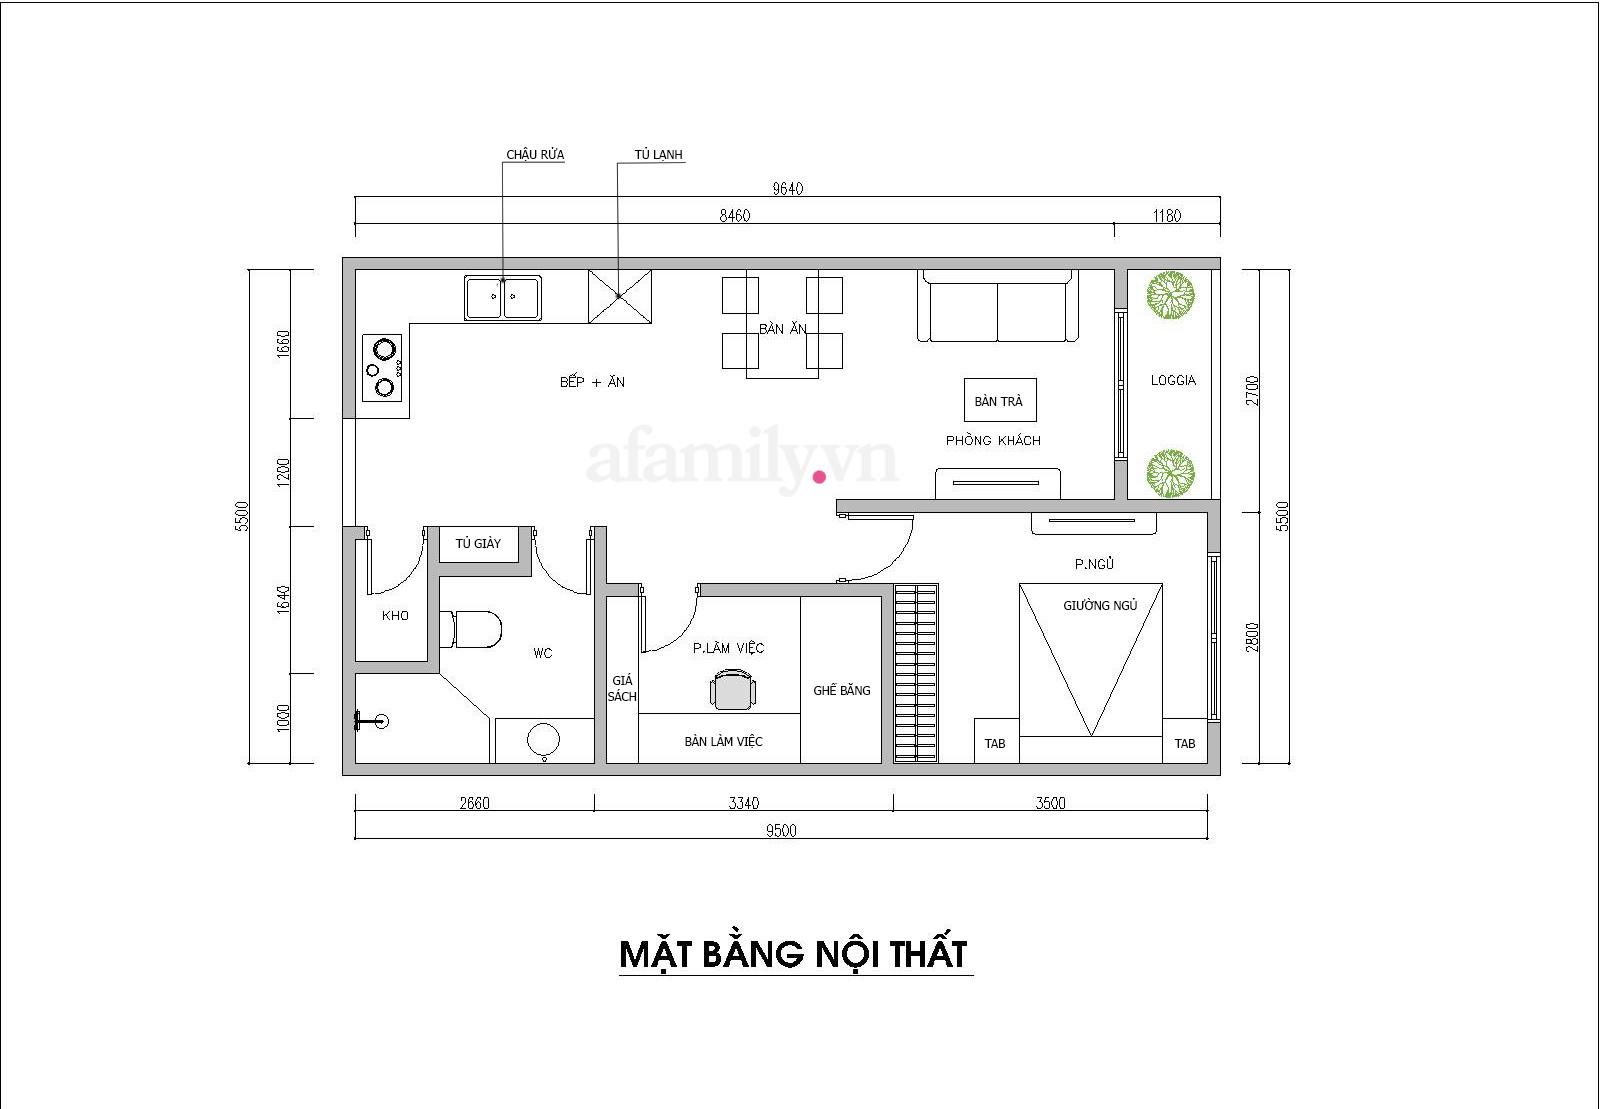 Kiến trúc sư tư vấn thiết kế căn hộ 50m² cho người trẻ độc thân với chi phí 134 triệu đồng - Ảnh 2.